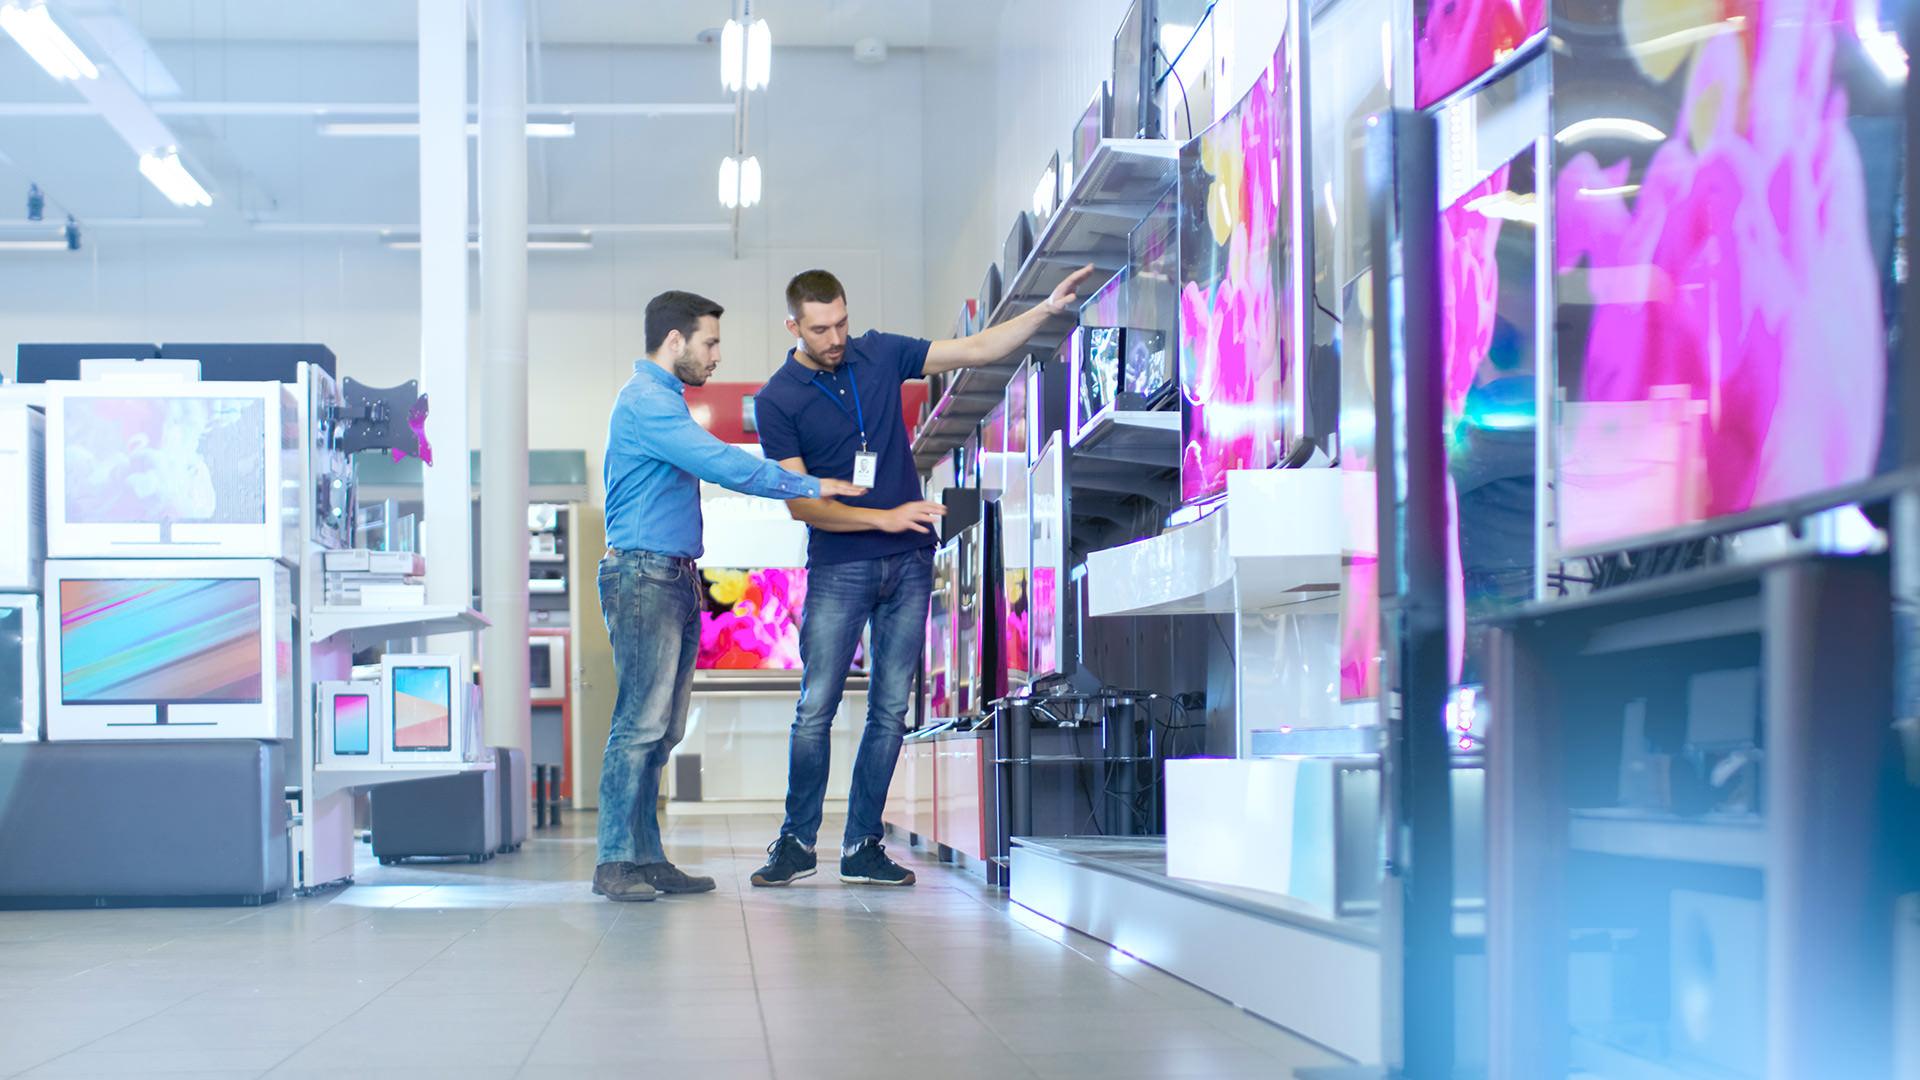 Jak sprawdzić TV przed zakupem | PORADNIK | Najważniejsze cechy oraz czy jest nowy?